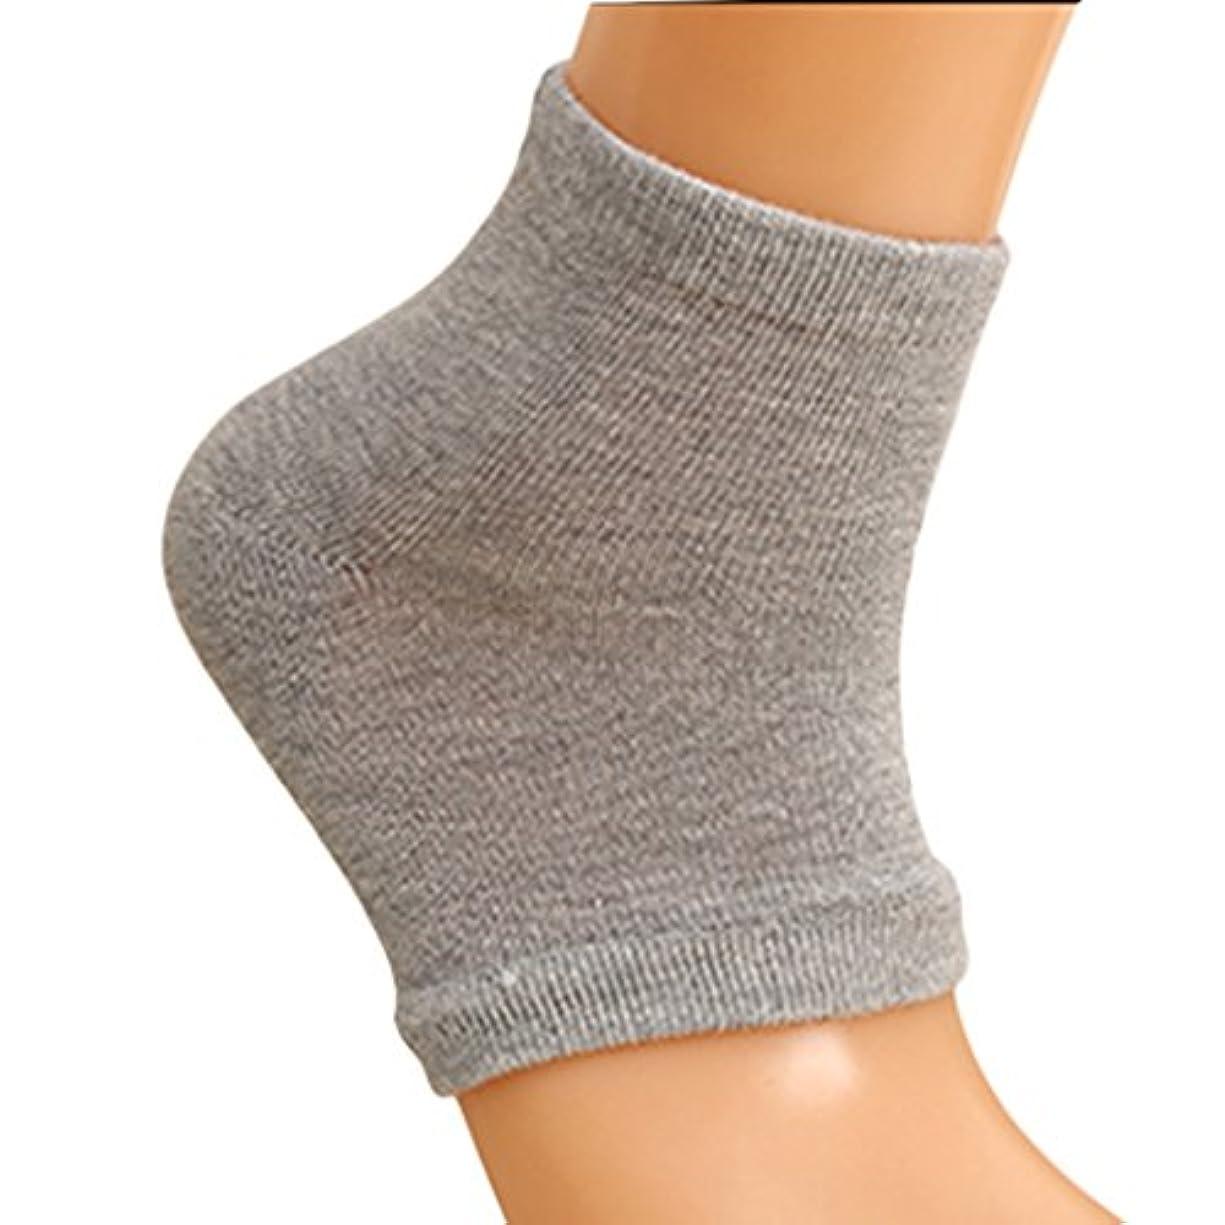 フレット練習豆腐Seliyi 2色組 靴下 ソックス レディース メンズ 靴下 つるつる 靴下 フットケア かかとケア ひび 角質ケア 保湿 角質除去(ピンク+グレー)